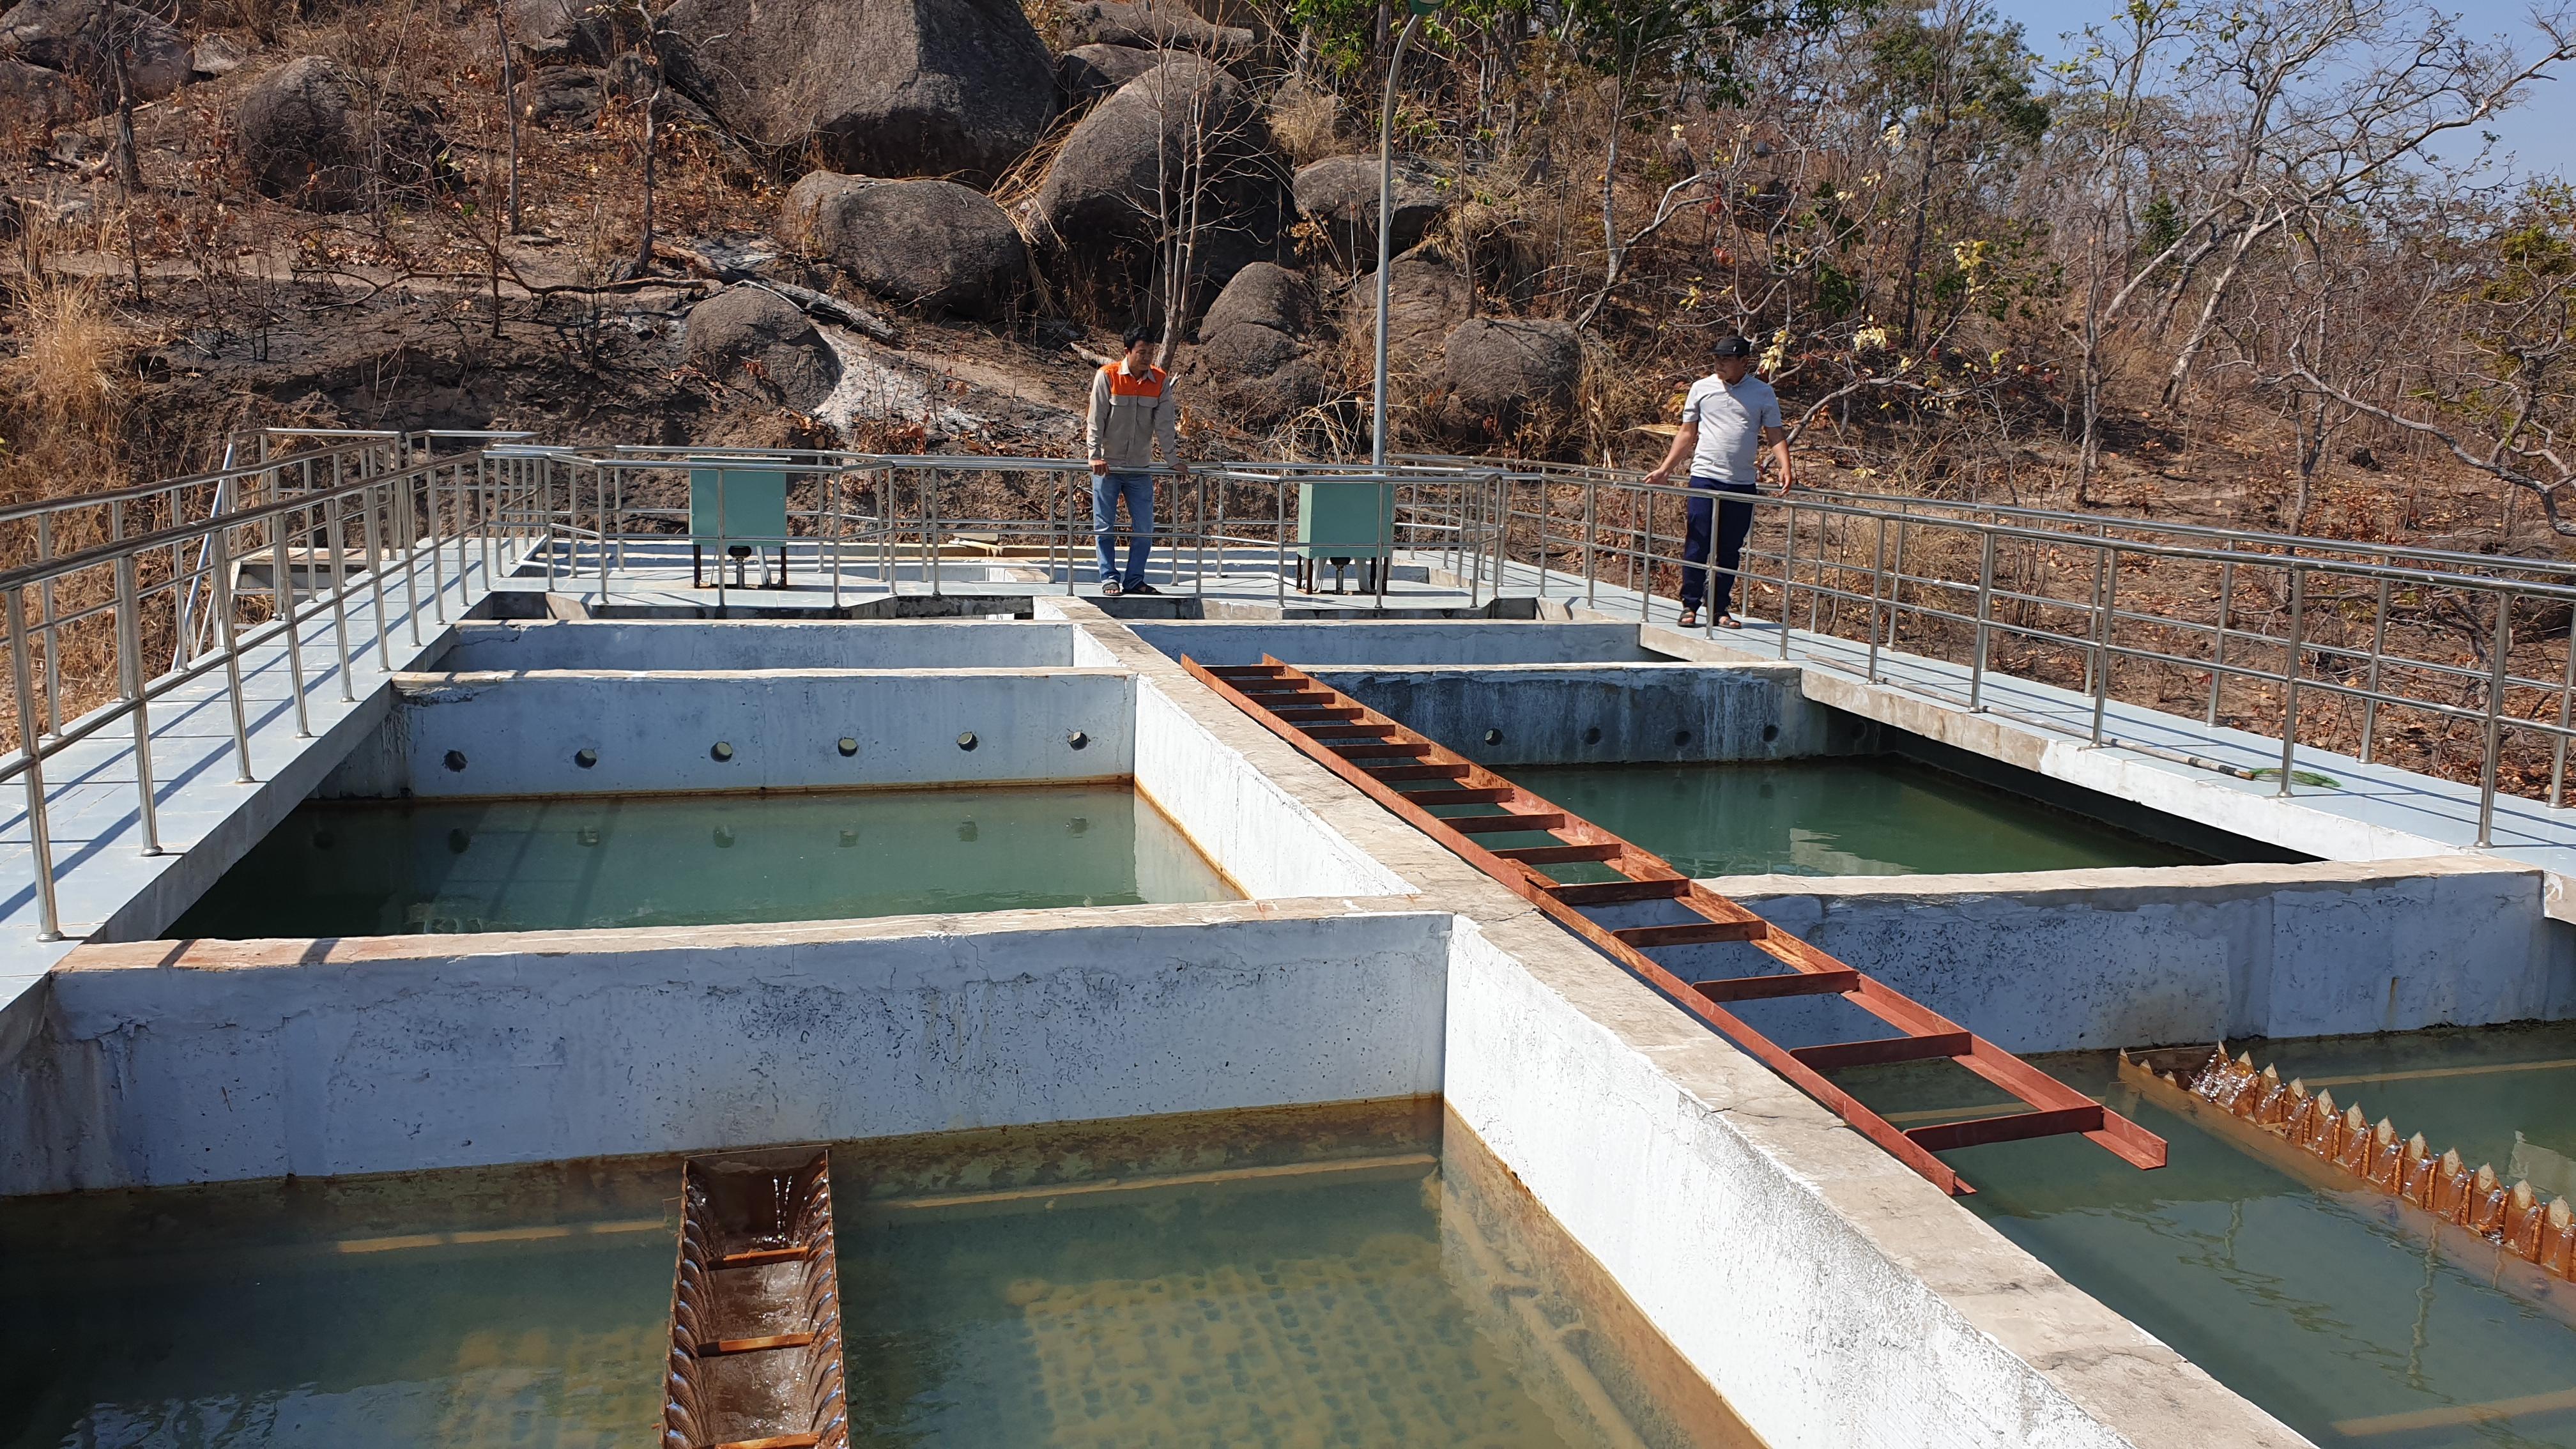 Hiện nay, hệ thống cấp nước sinh hoạt Phú Thiện- Ia Pa mới chỉ cấp nước được cho khoảng 1 nghìn hộ dân, vì vậy tỷ lệ người dân được sử dụng nước sạch trên địa bàn huyện Phú Thiện còn thấp.